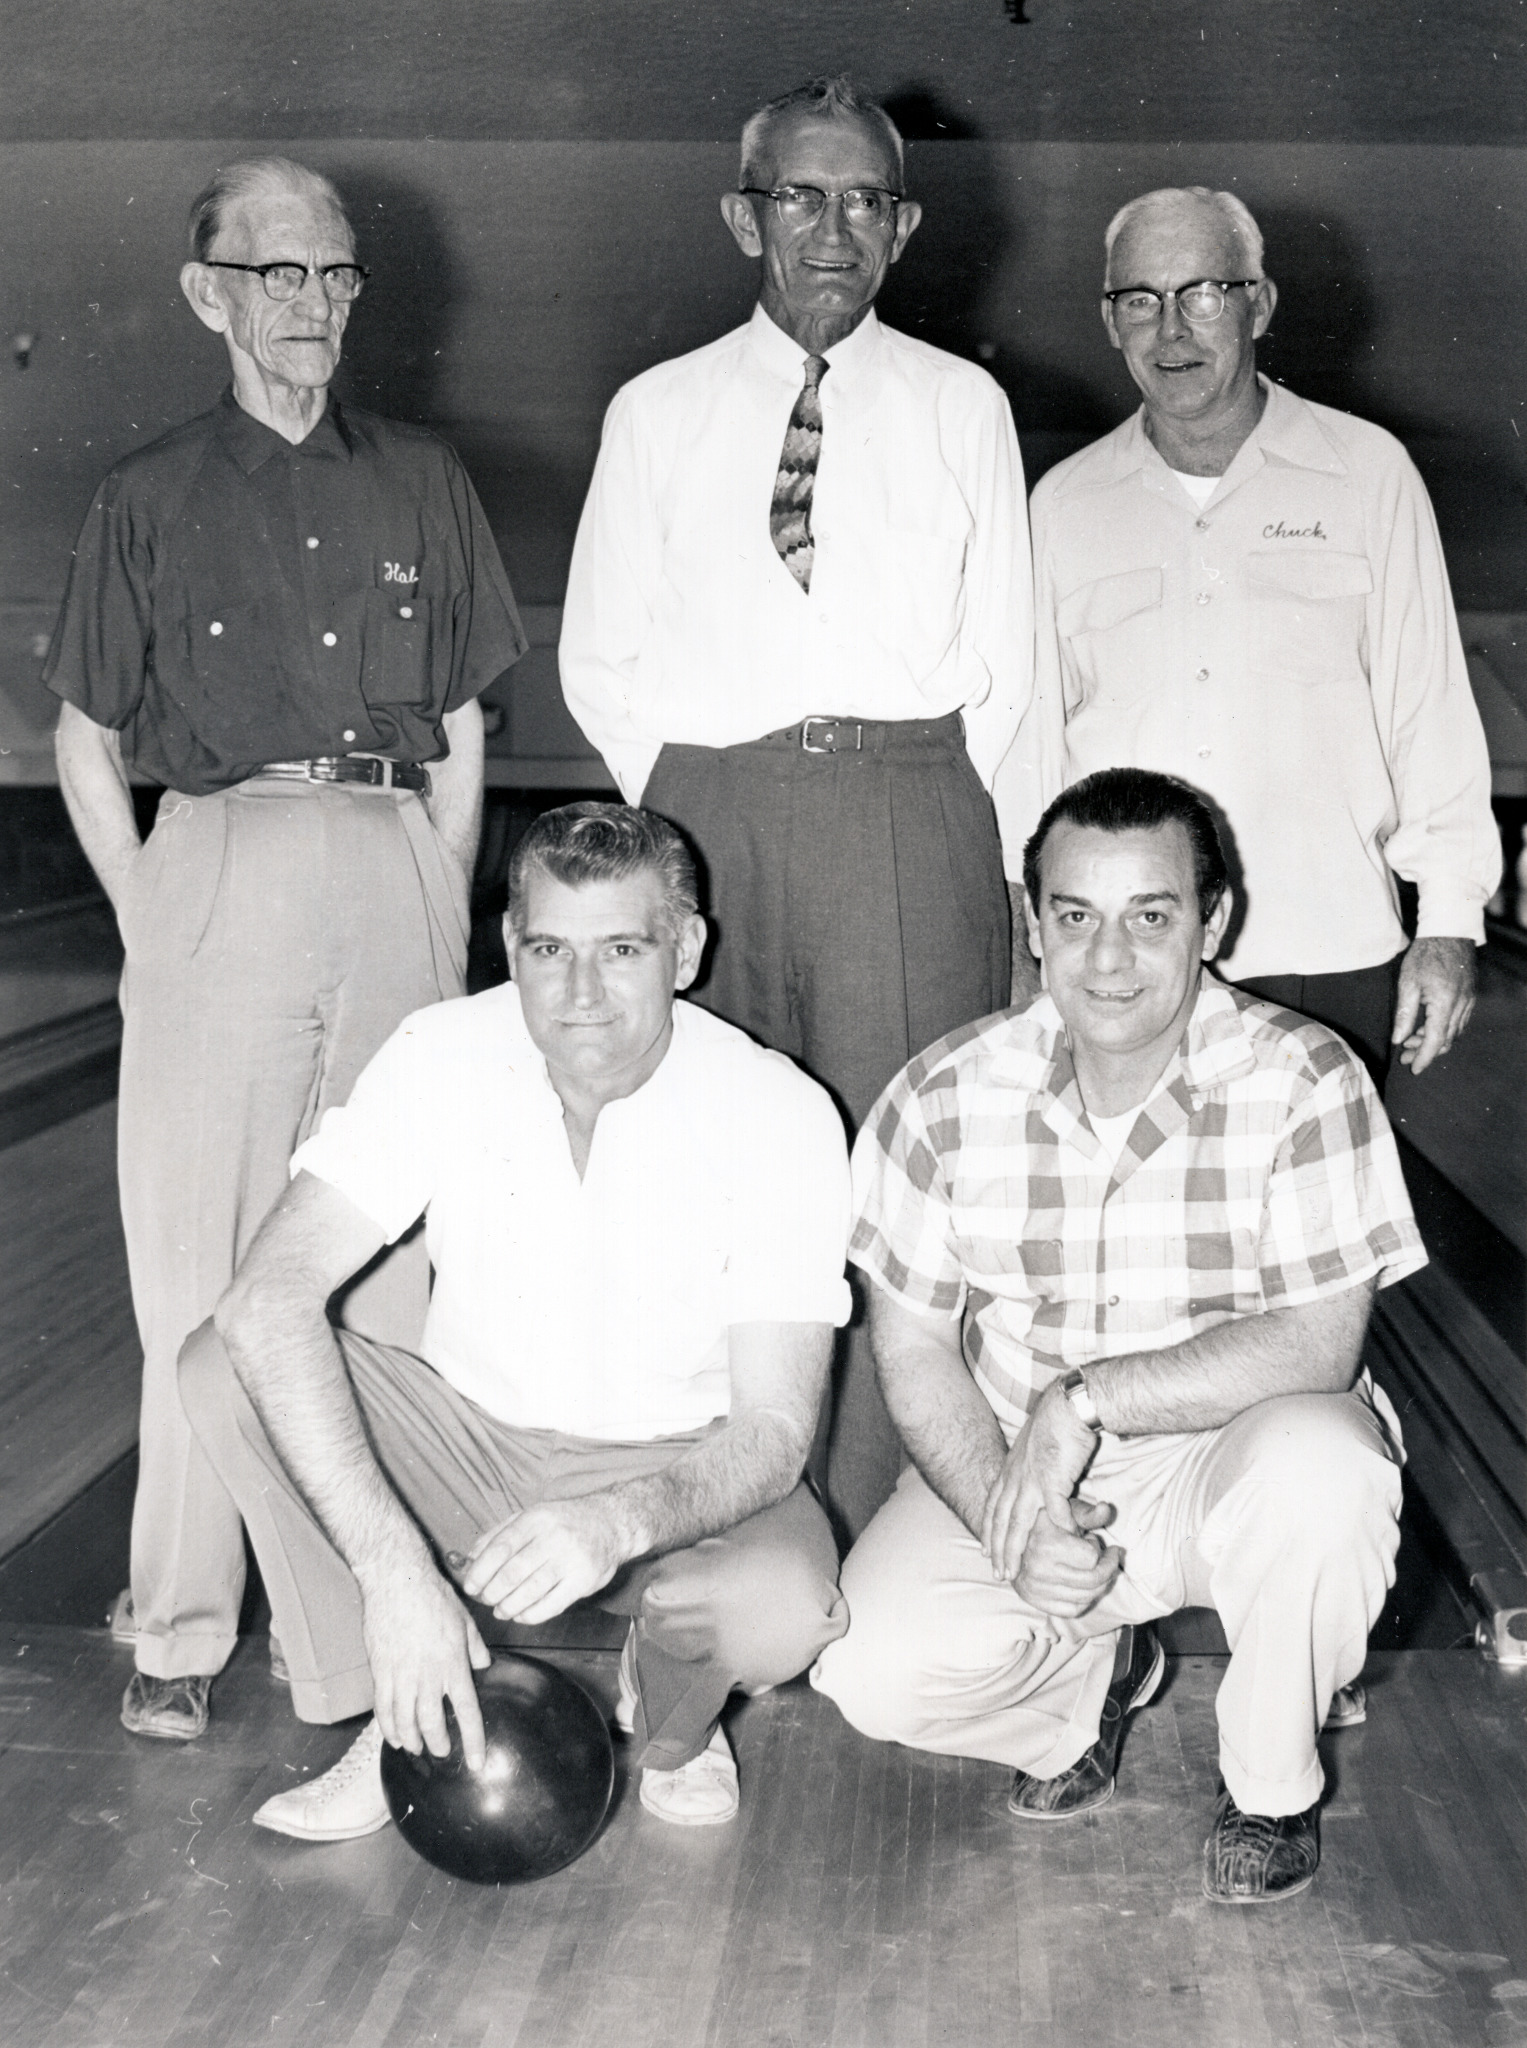 MGM Bowling Team - Harold Phillips (back left)